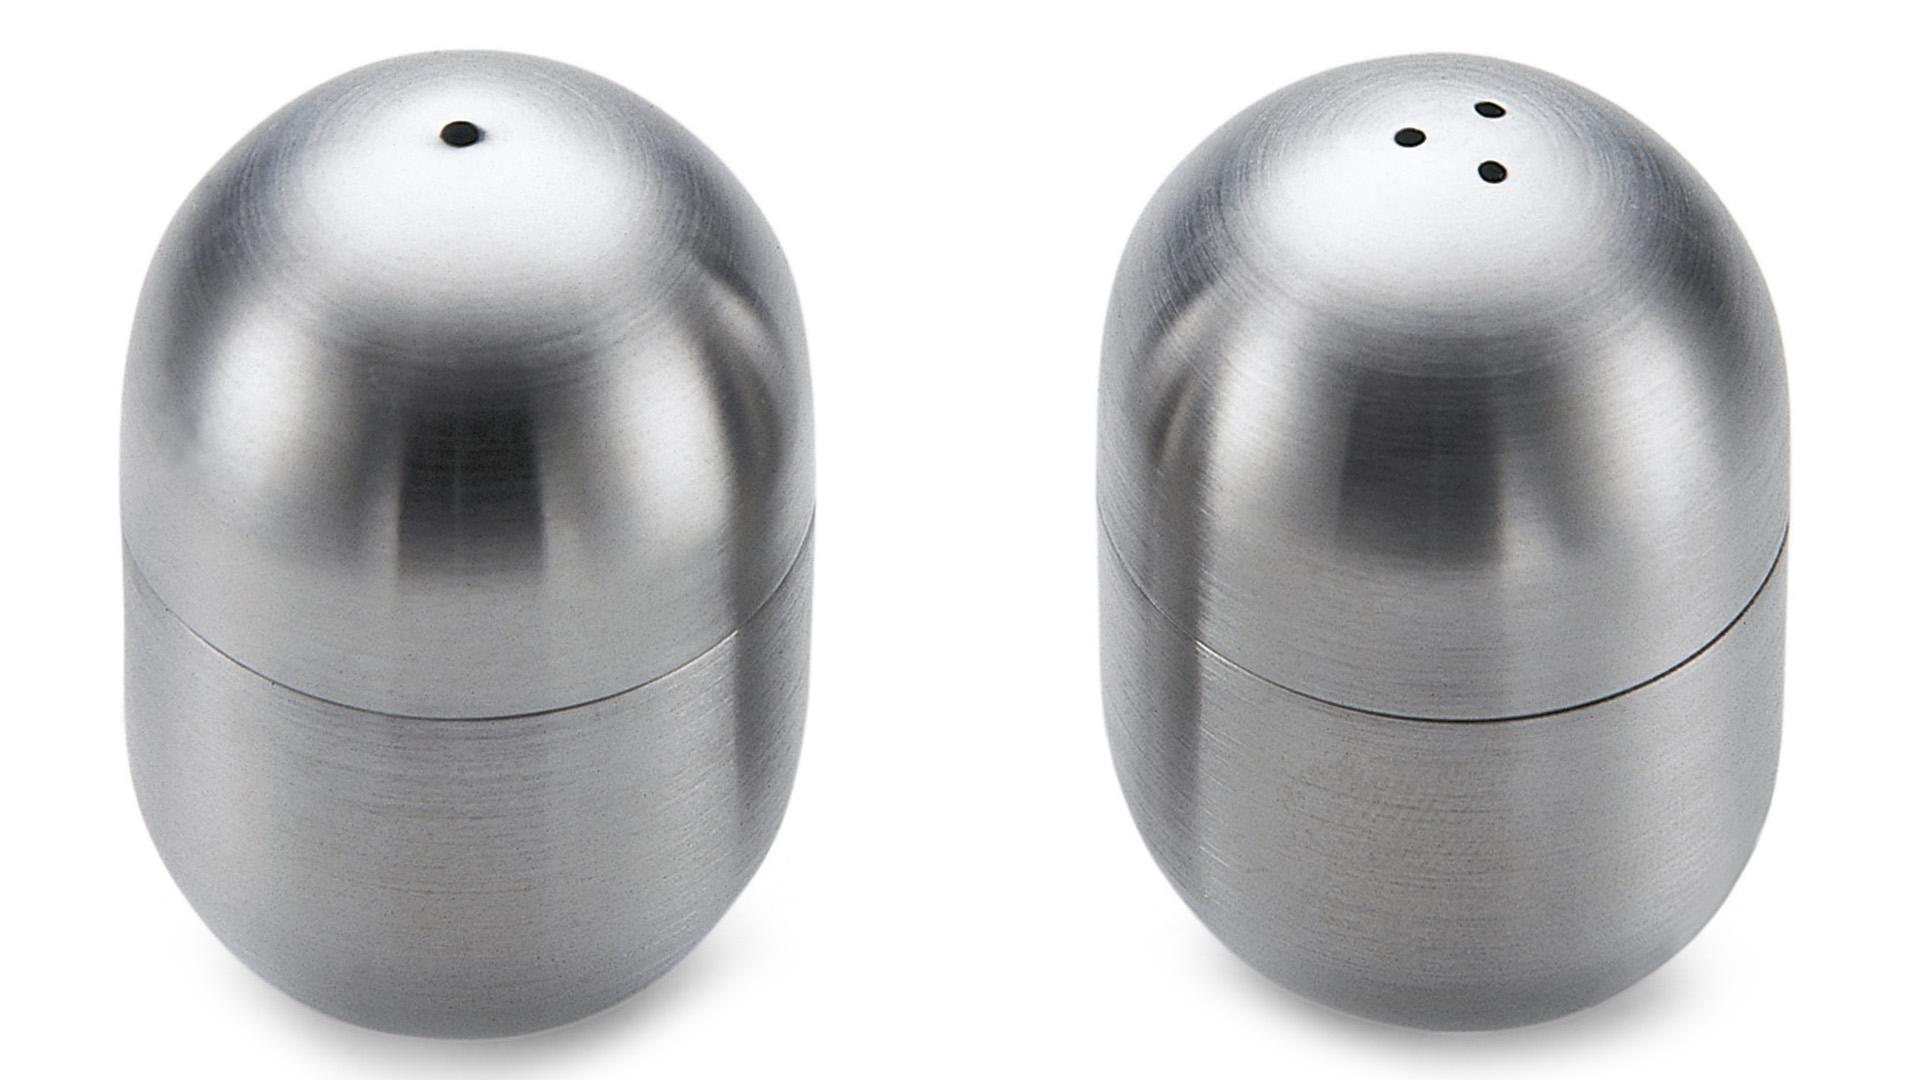 Philippi designové slánky a pepřenky Humpty Dumpty (set 2 kusů)